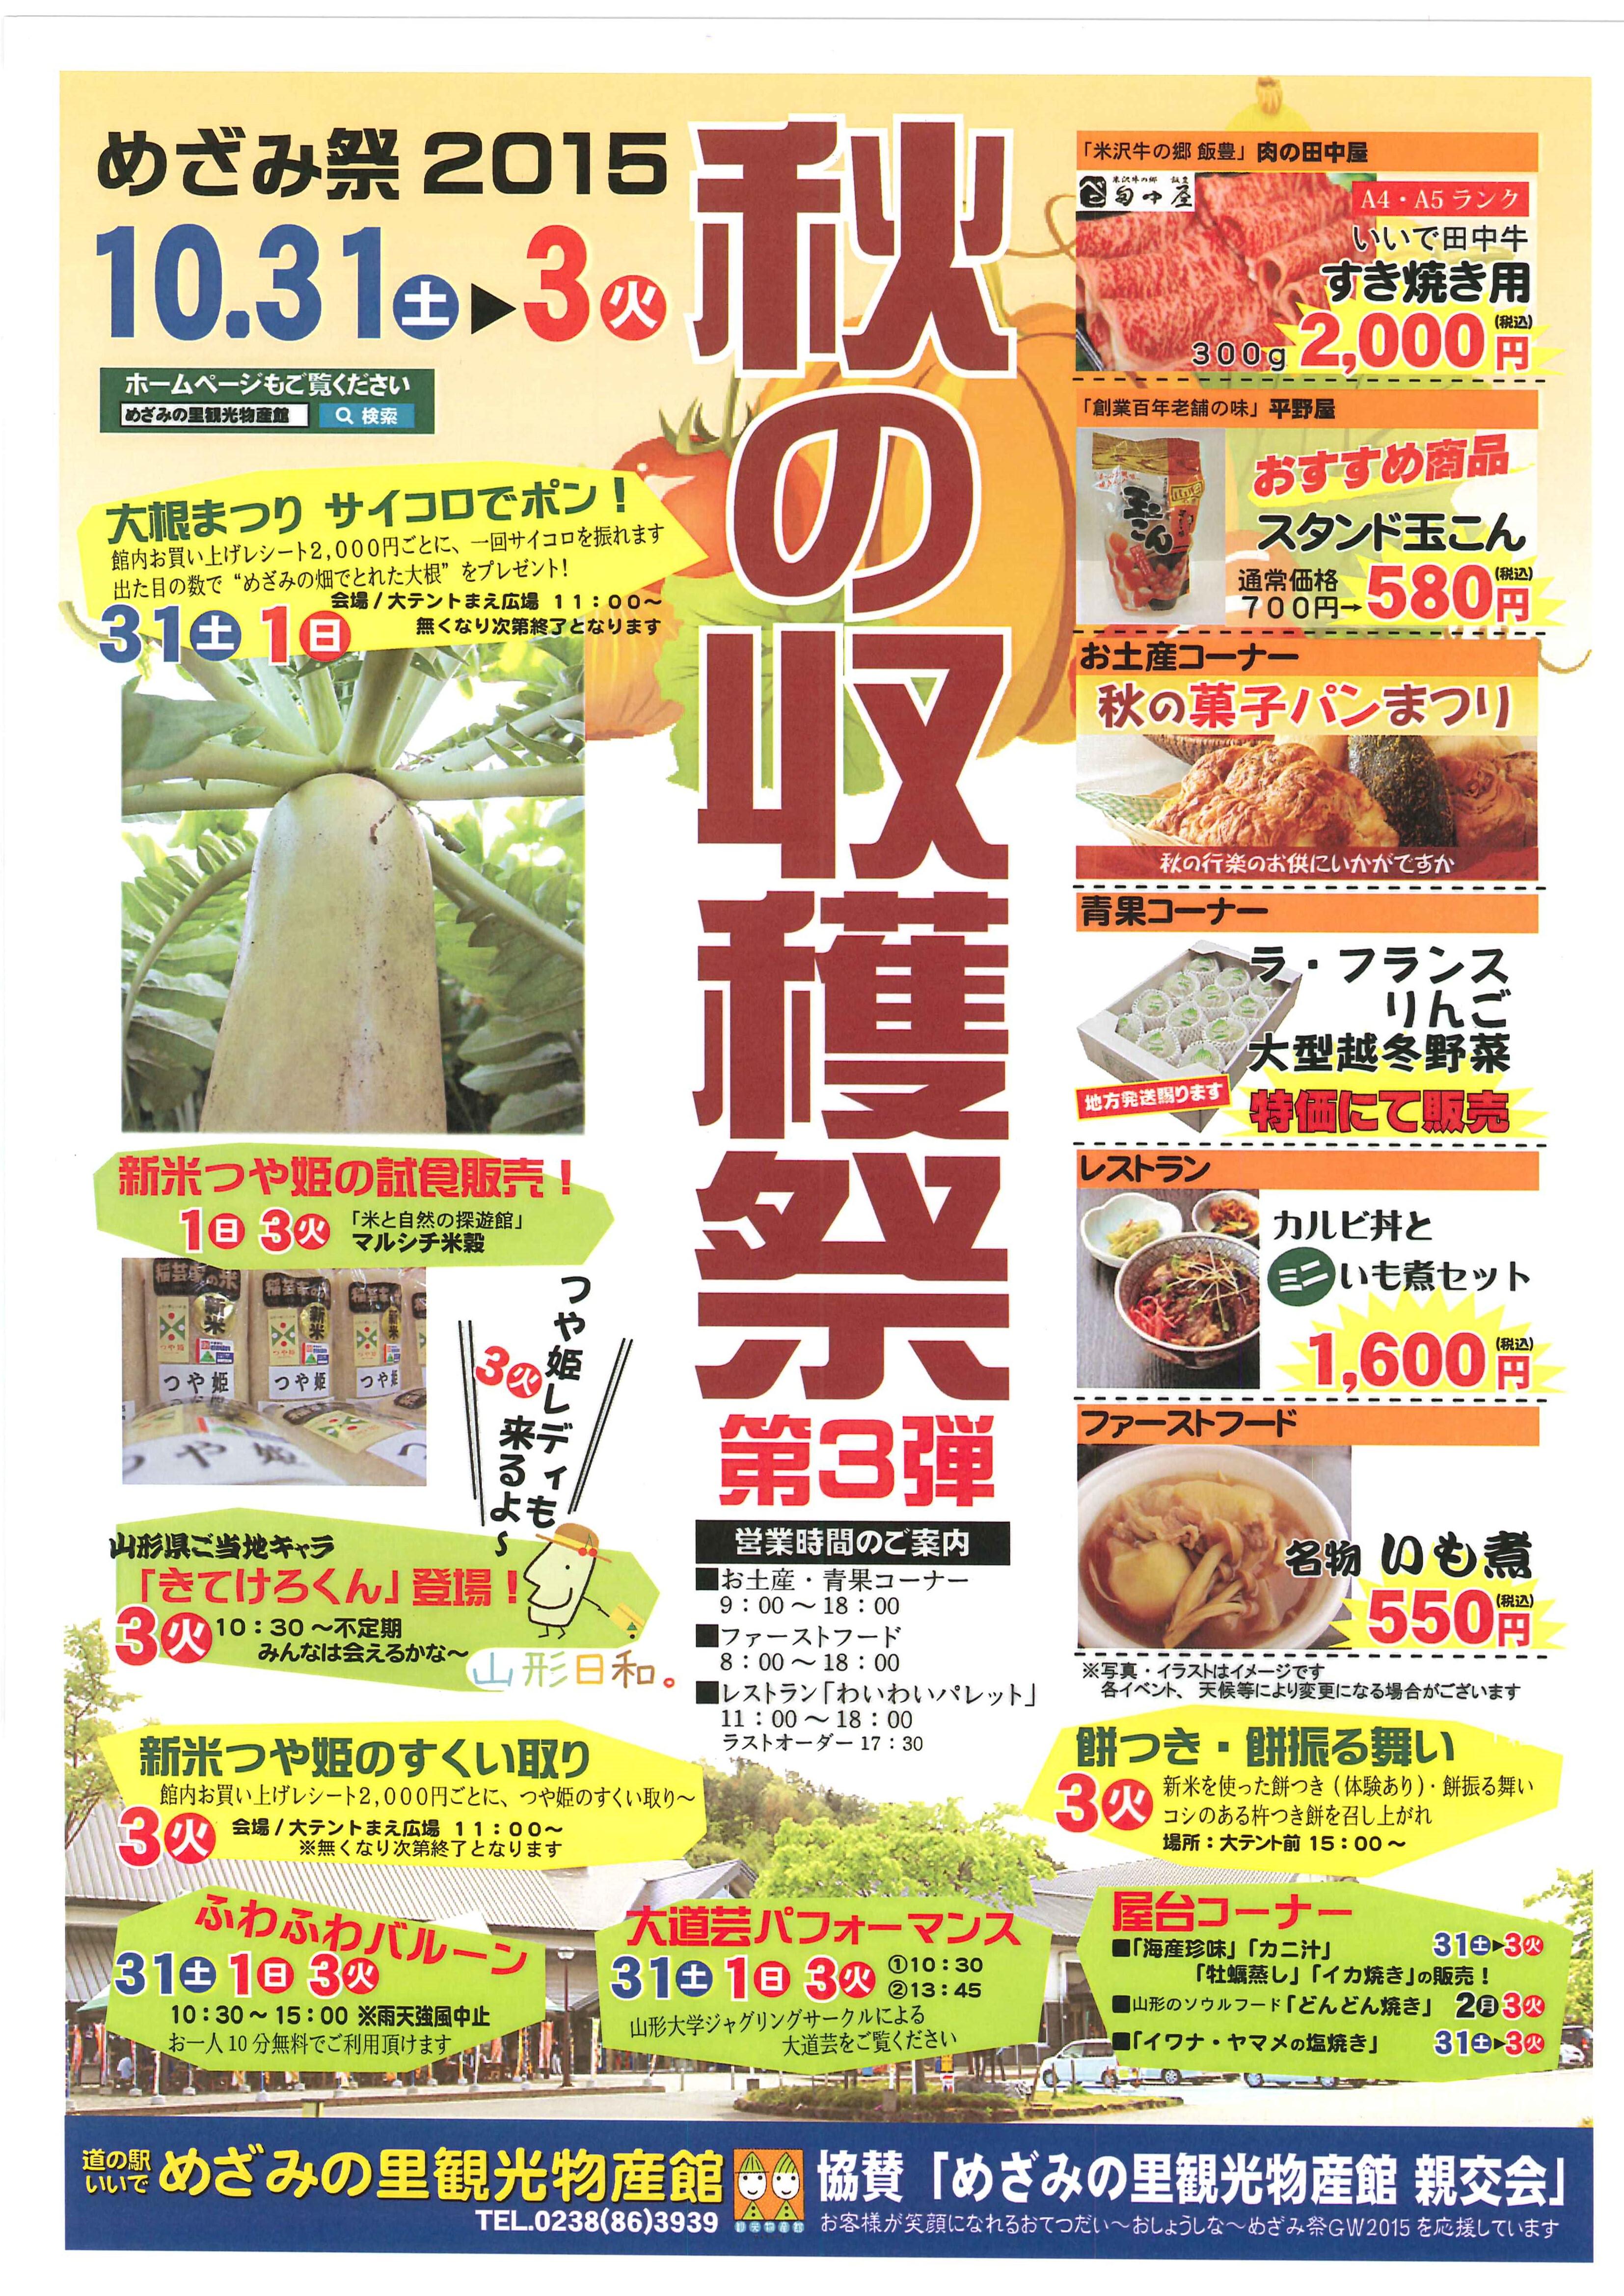 めざみの里観光物産館 収穫祭 第3弾開催!:画像